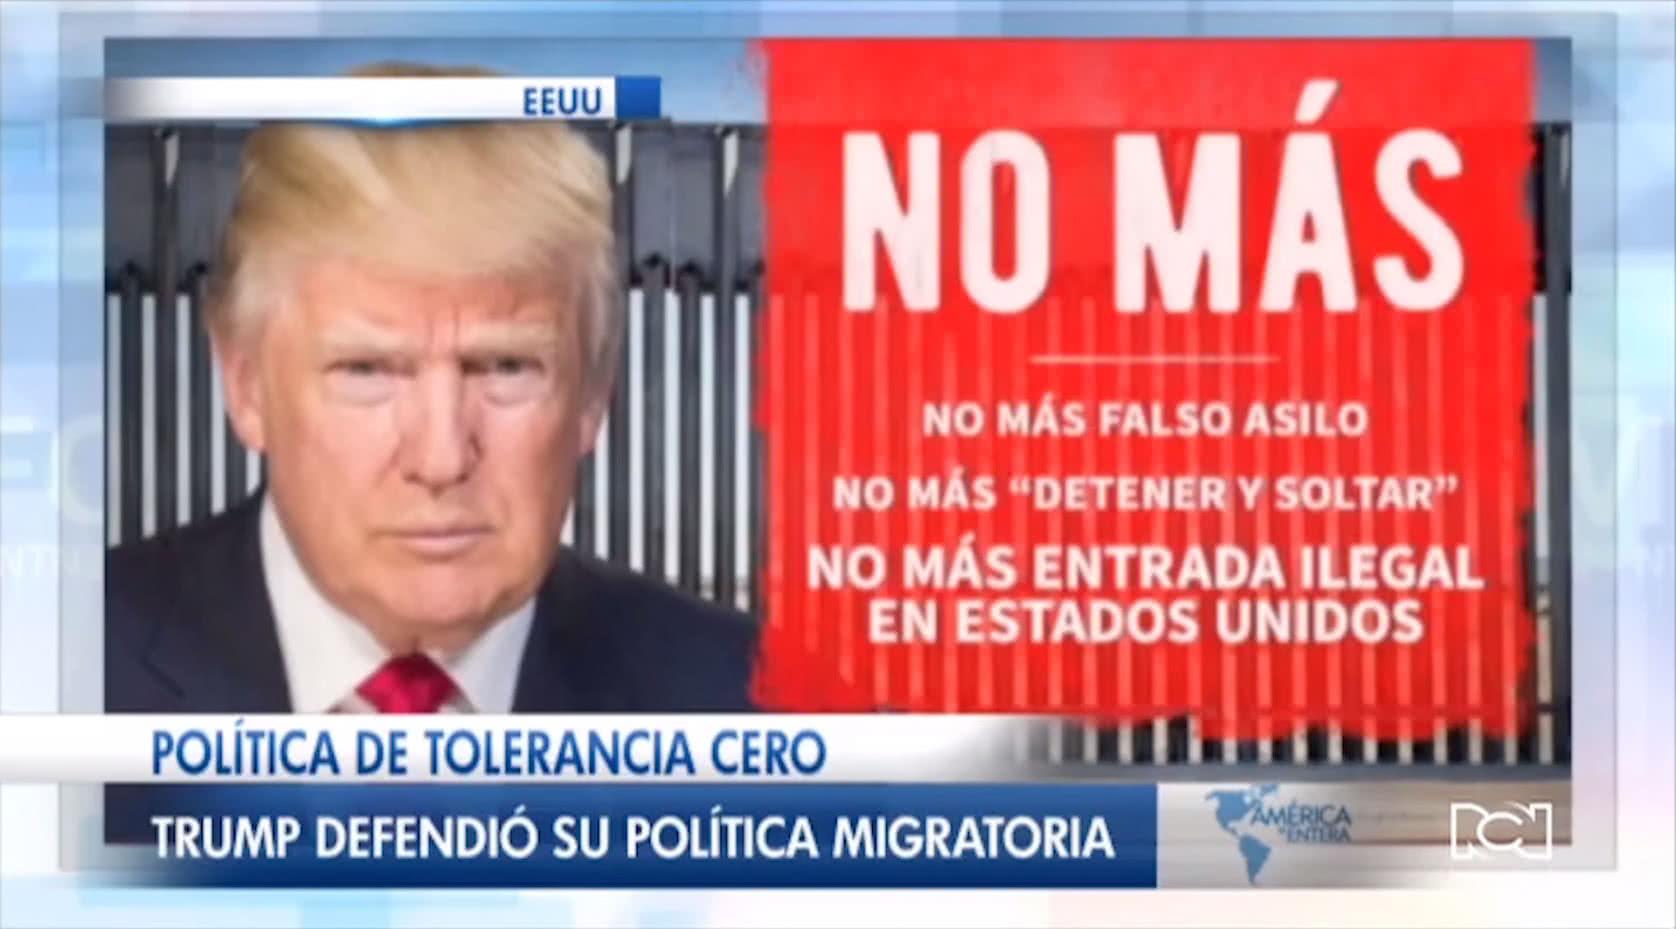 Trump usa el español para condenar la migración ilegal